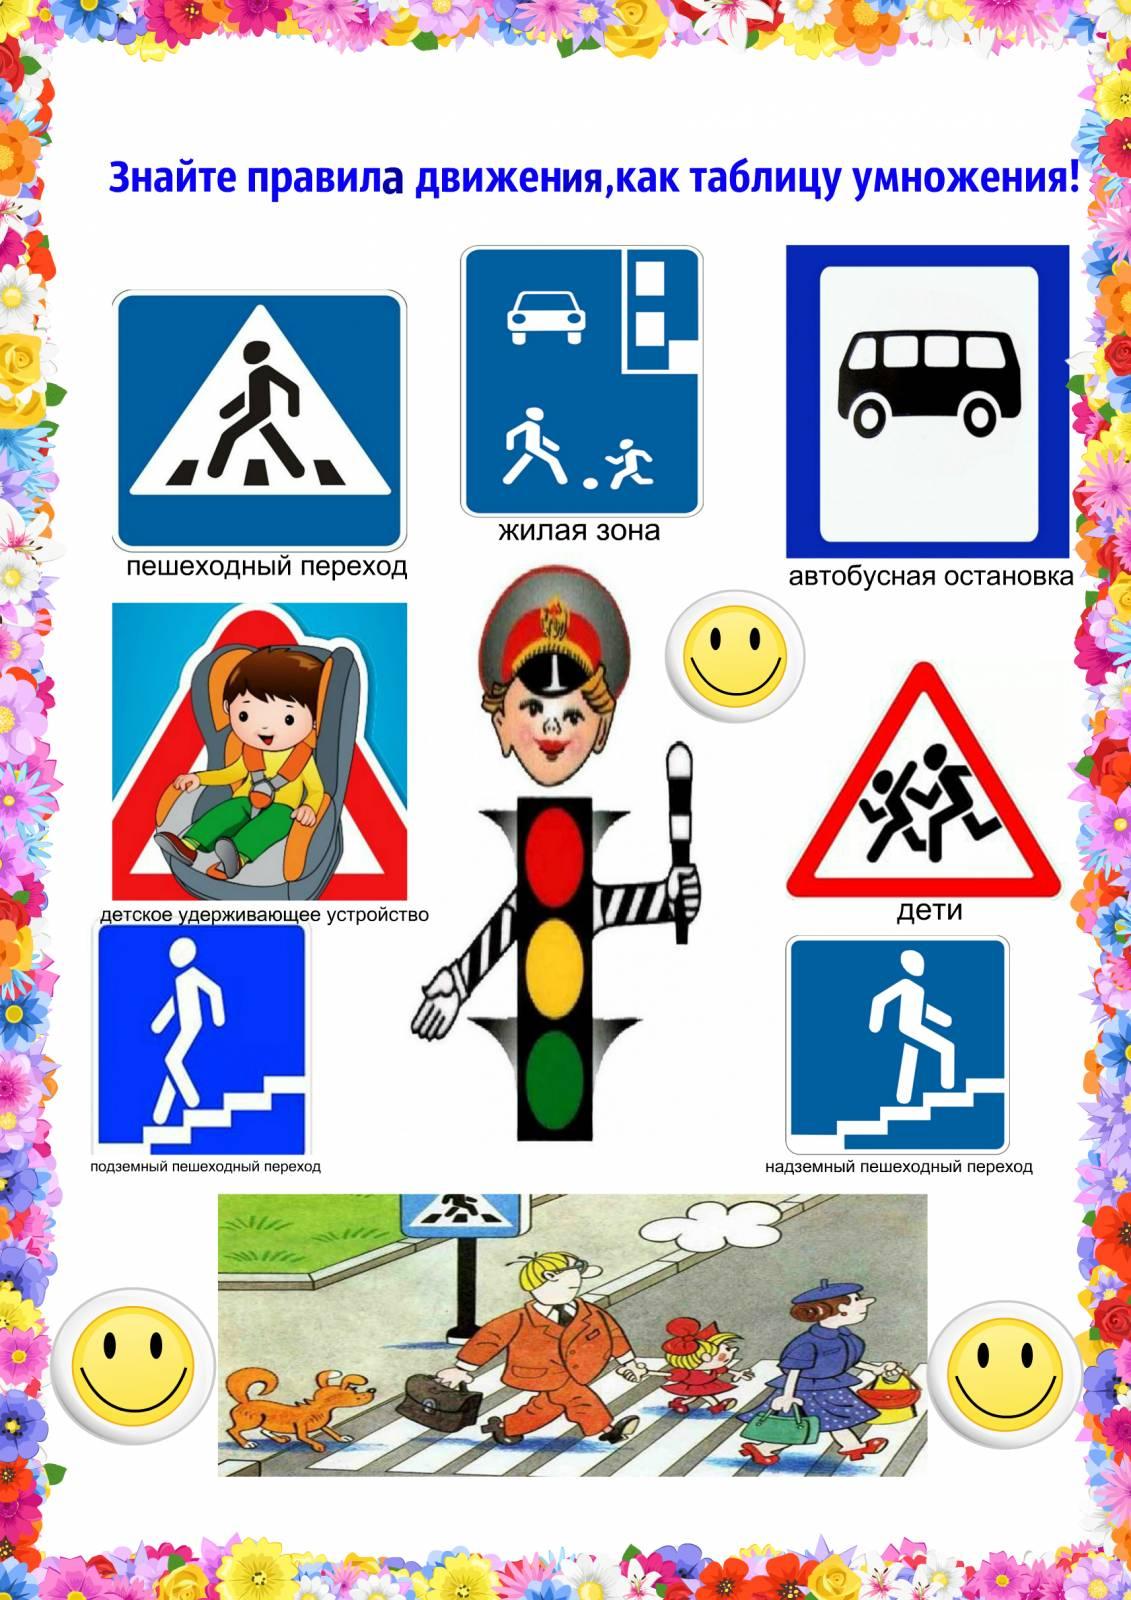 знаки по пдд в детском саду в картинках